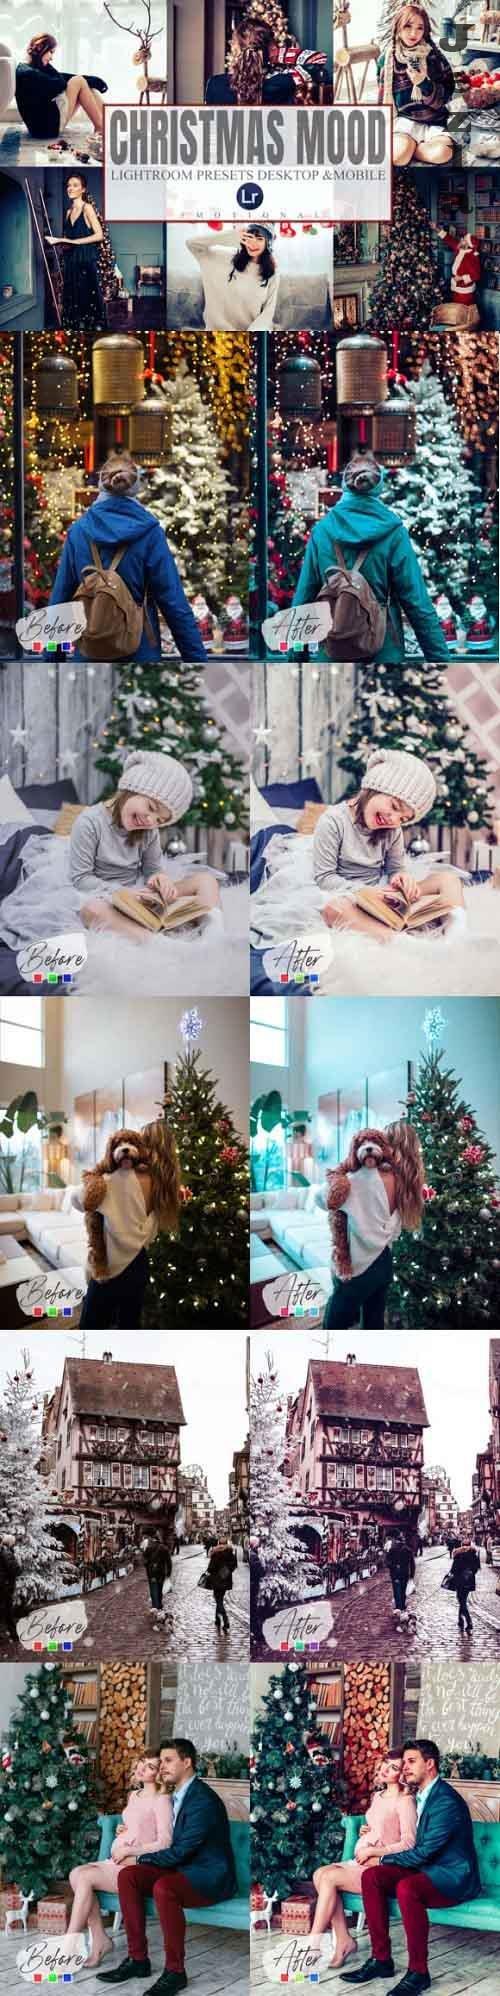 Christmas Mood Mobile & Desktop Lightroom Presets